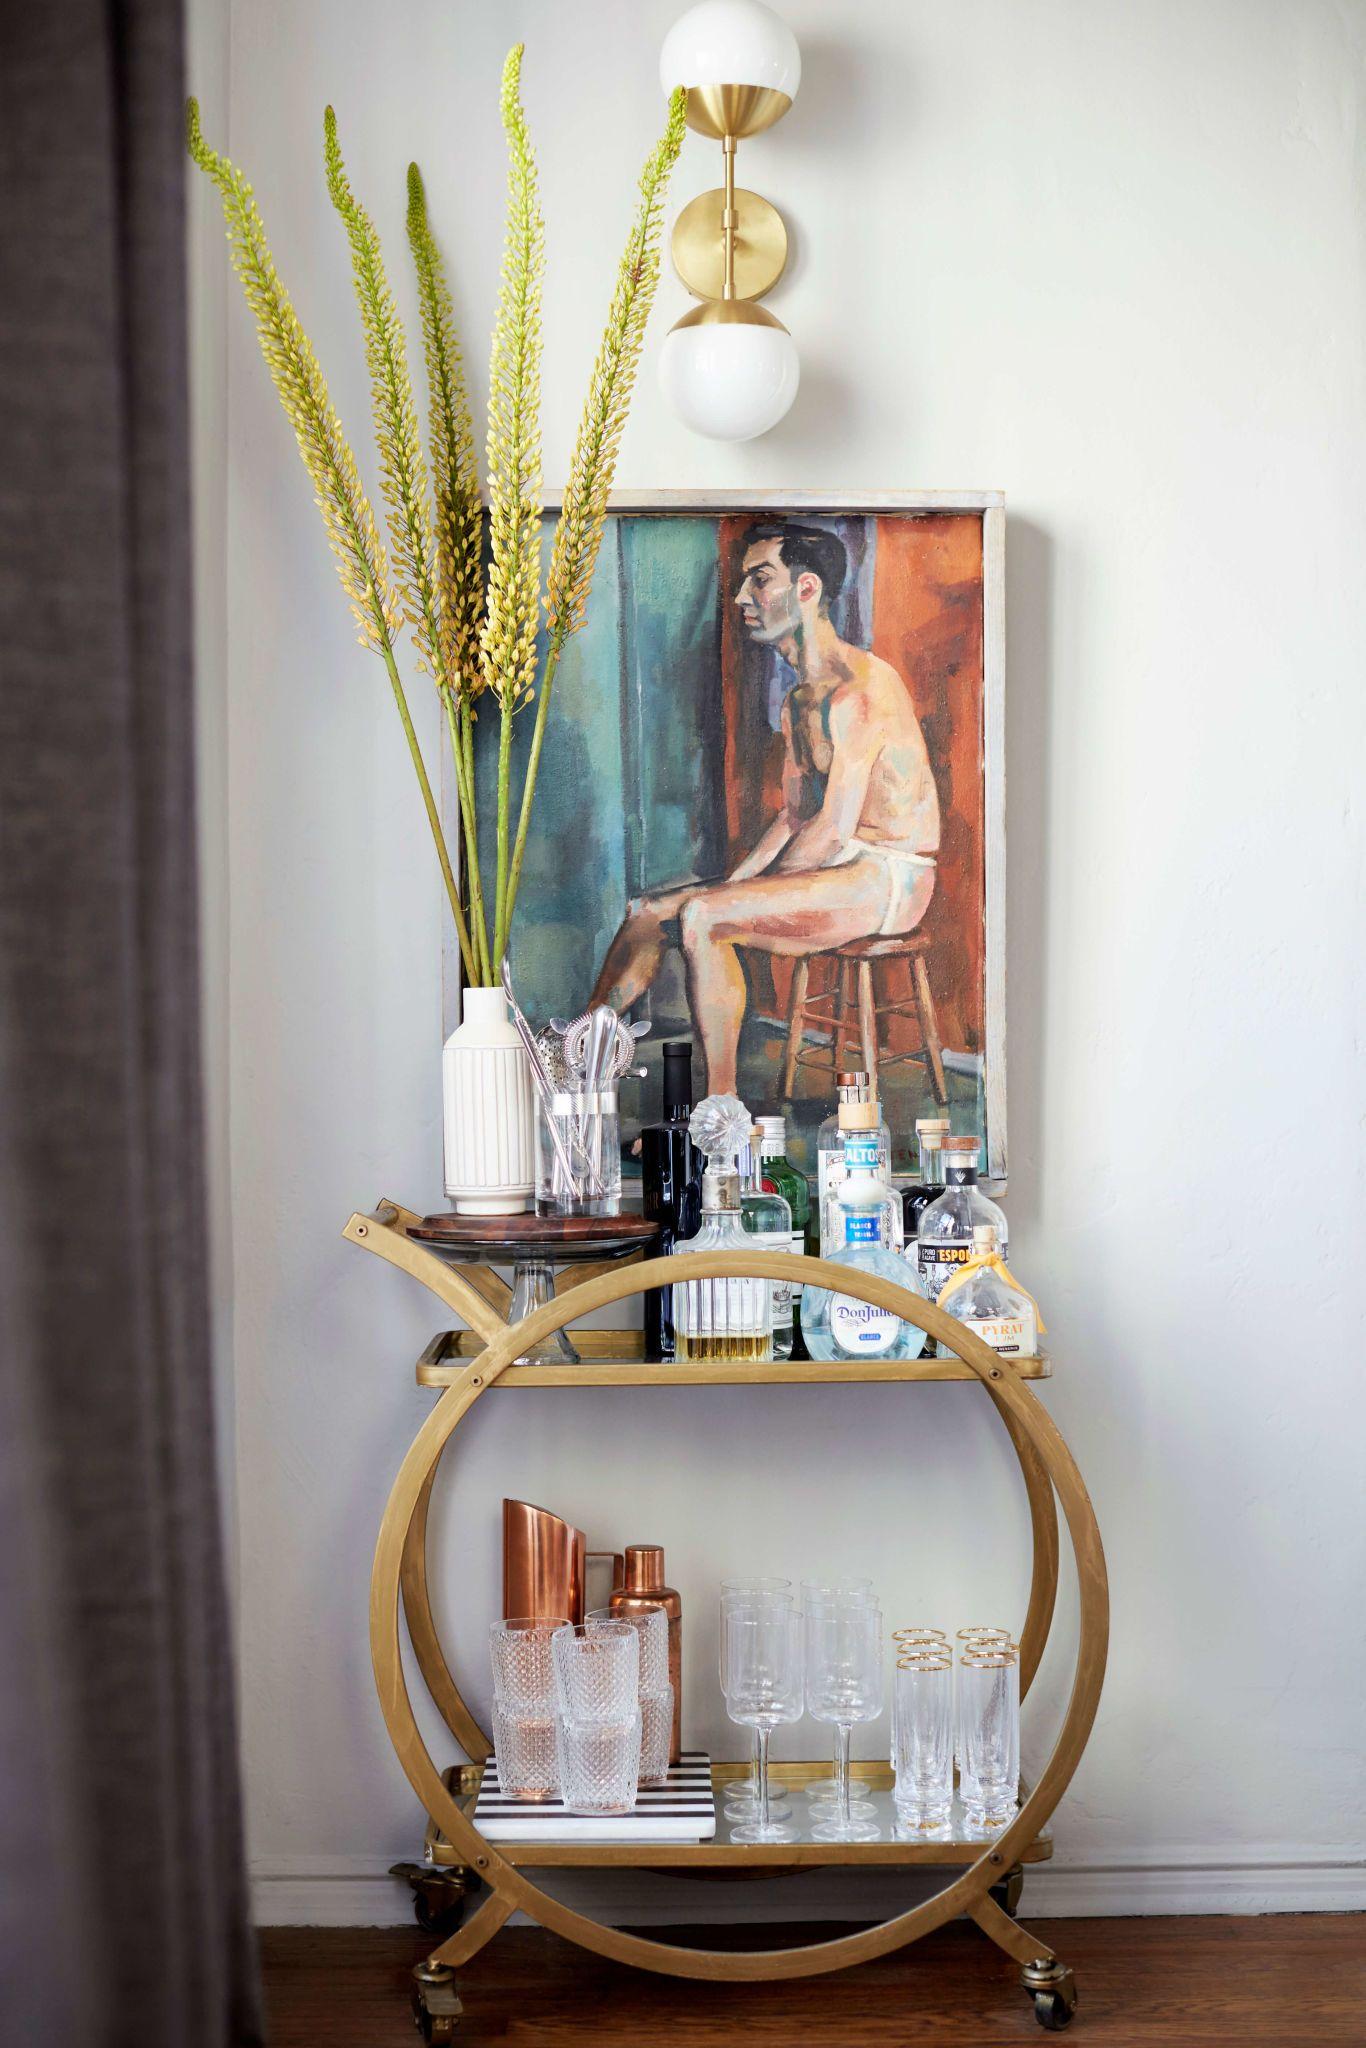 Brady S Living Room Reveal Emily Henderson Living Room Reveal Bar Cart Decor Bar Cart Styling